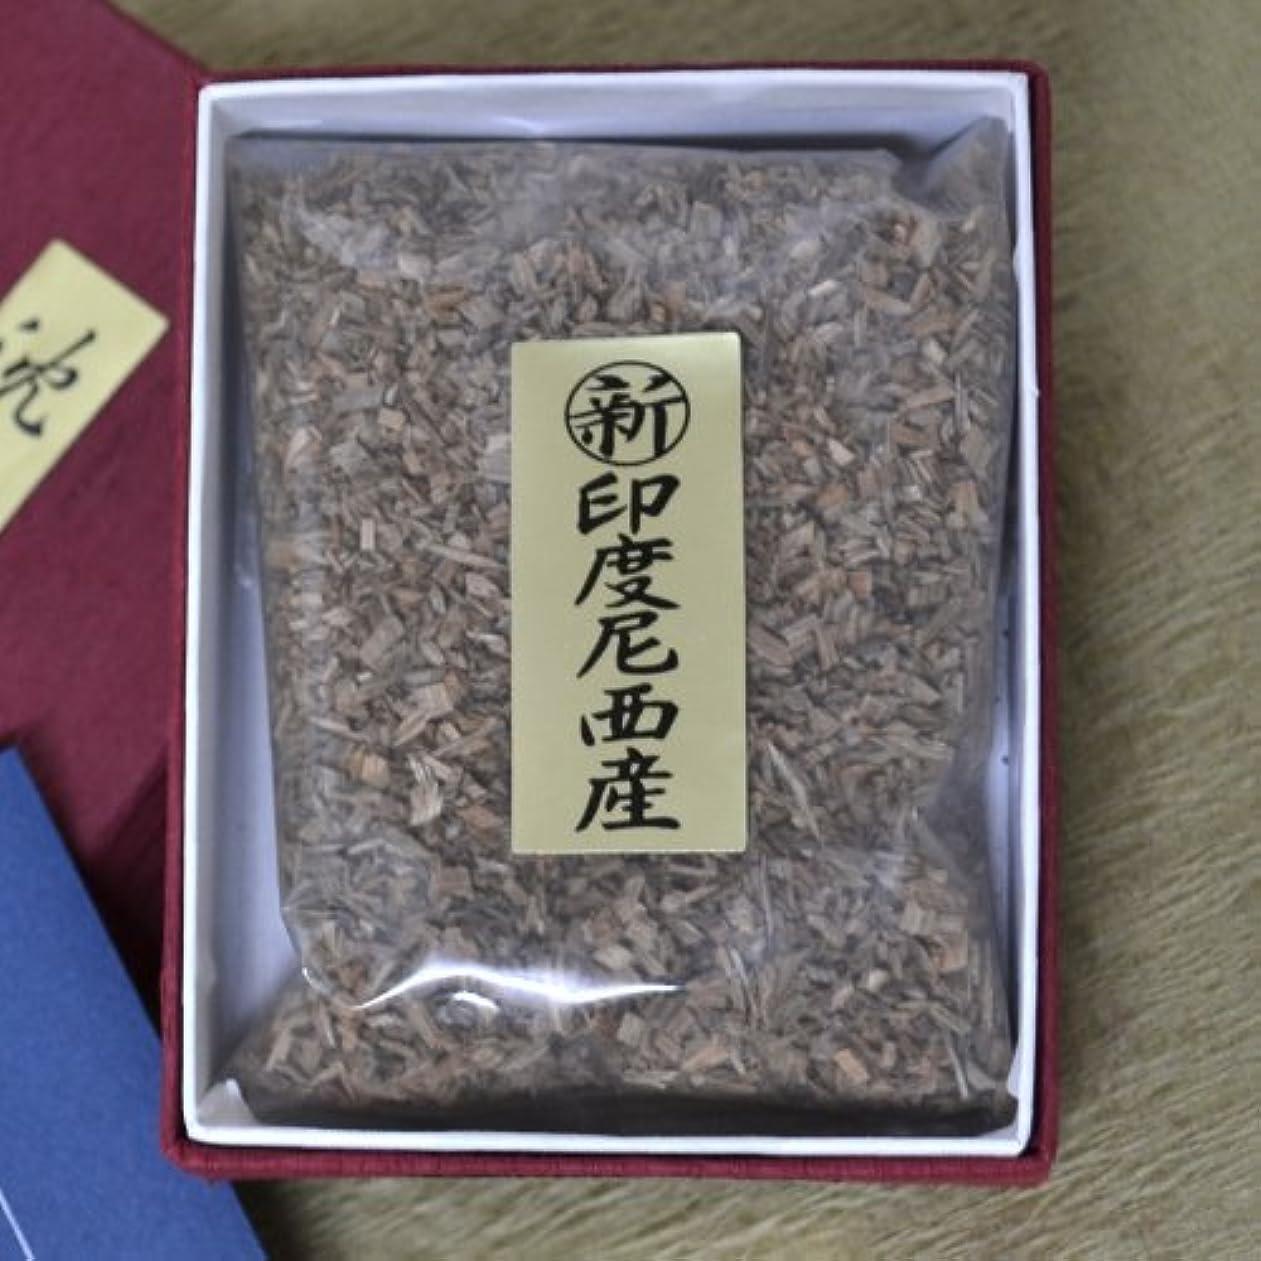 おじいちゃん不和平方香木 お焼香 新インドネシア産 沈香 【最高級品】 18g